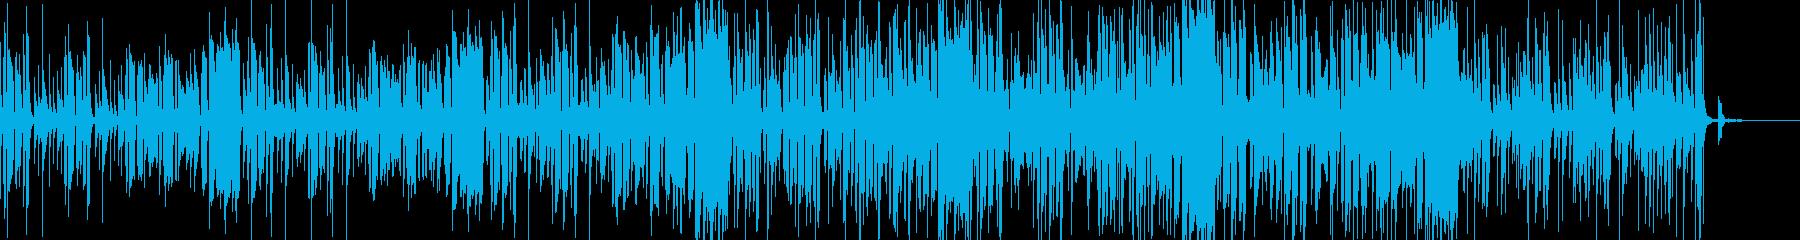 リコーダーと箏のかわいい和風popの再生済みの波形